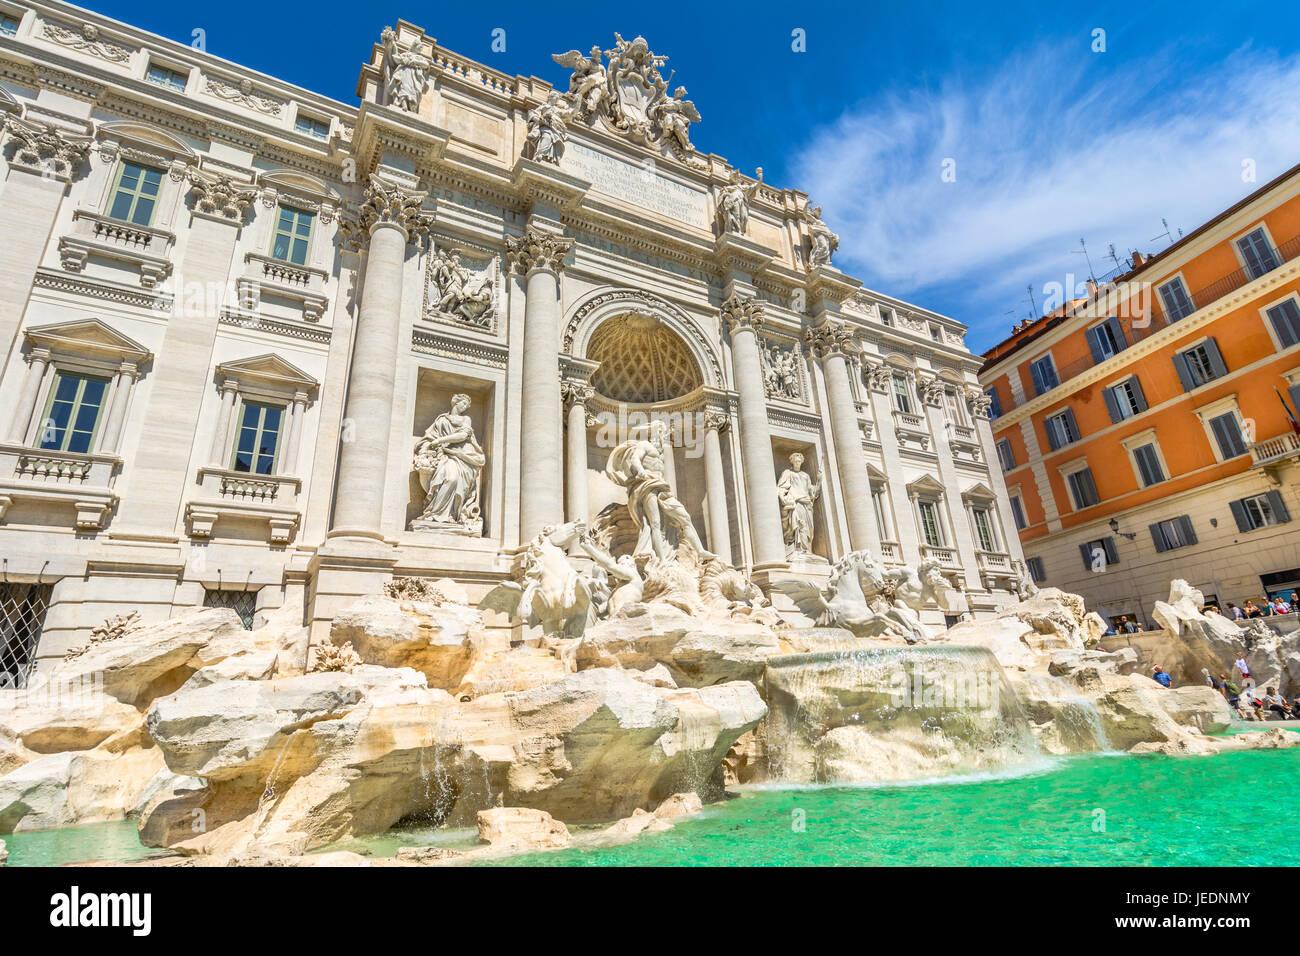 La fontana di Trevi, Fontana di Trevi, una fuente en el rione de Trevi, en Roma, Italia. pie de 25,9 metros de altura Imagen De Stock